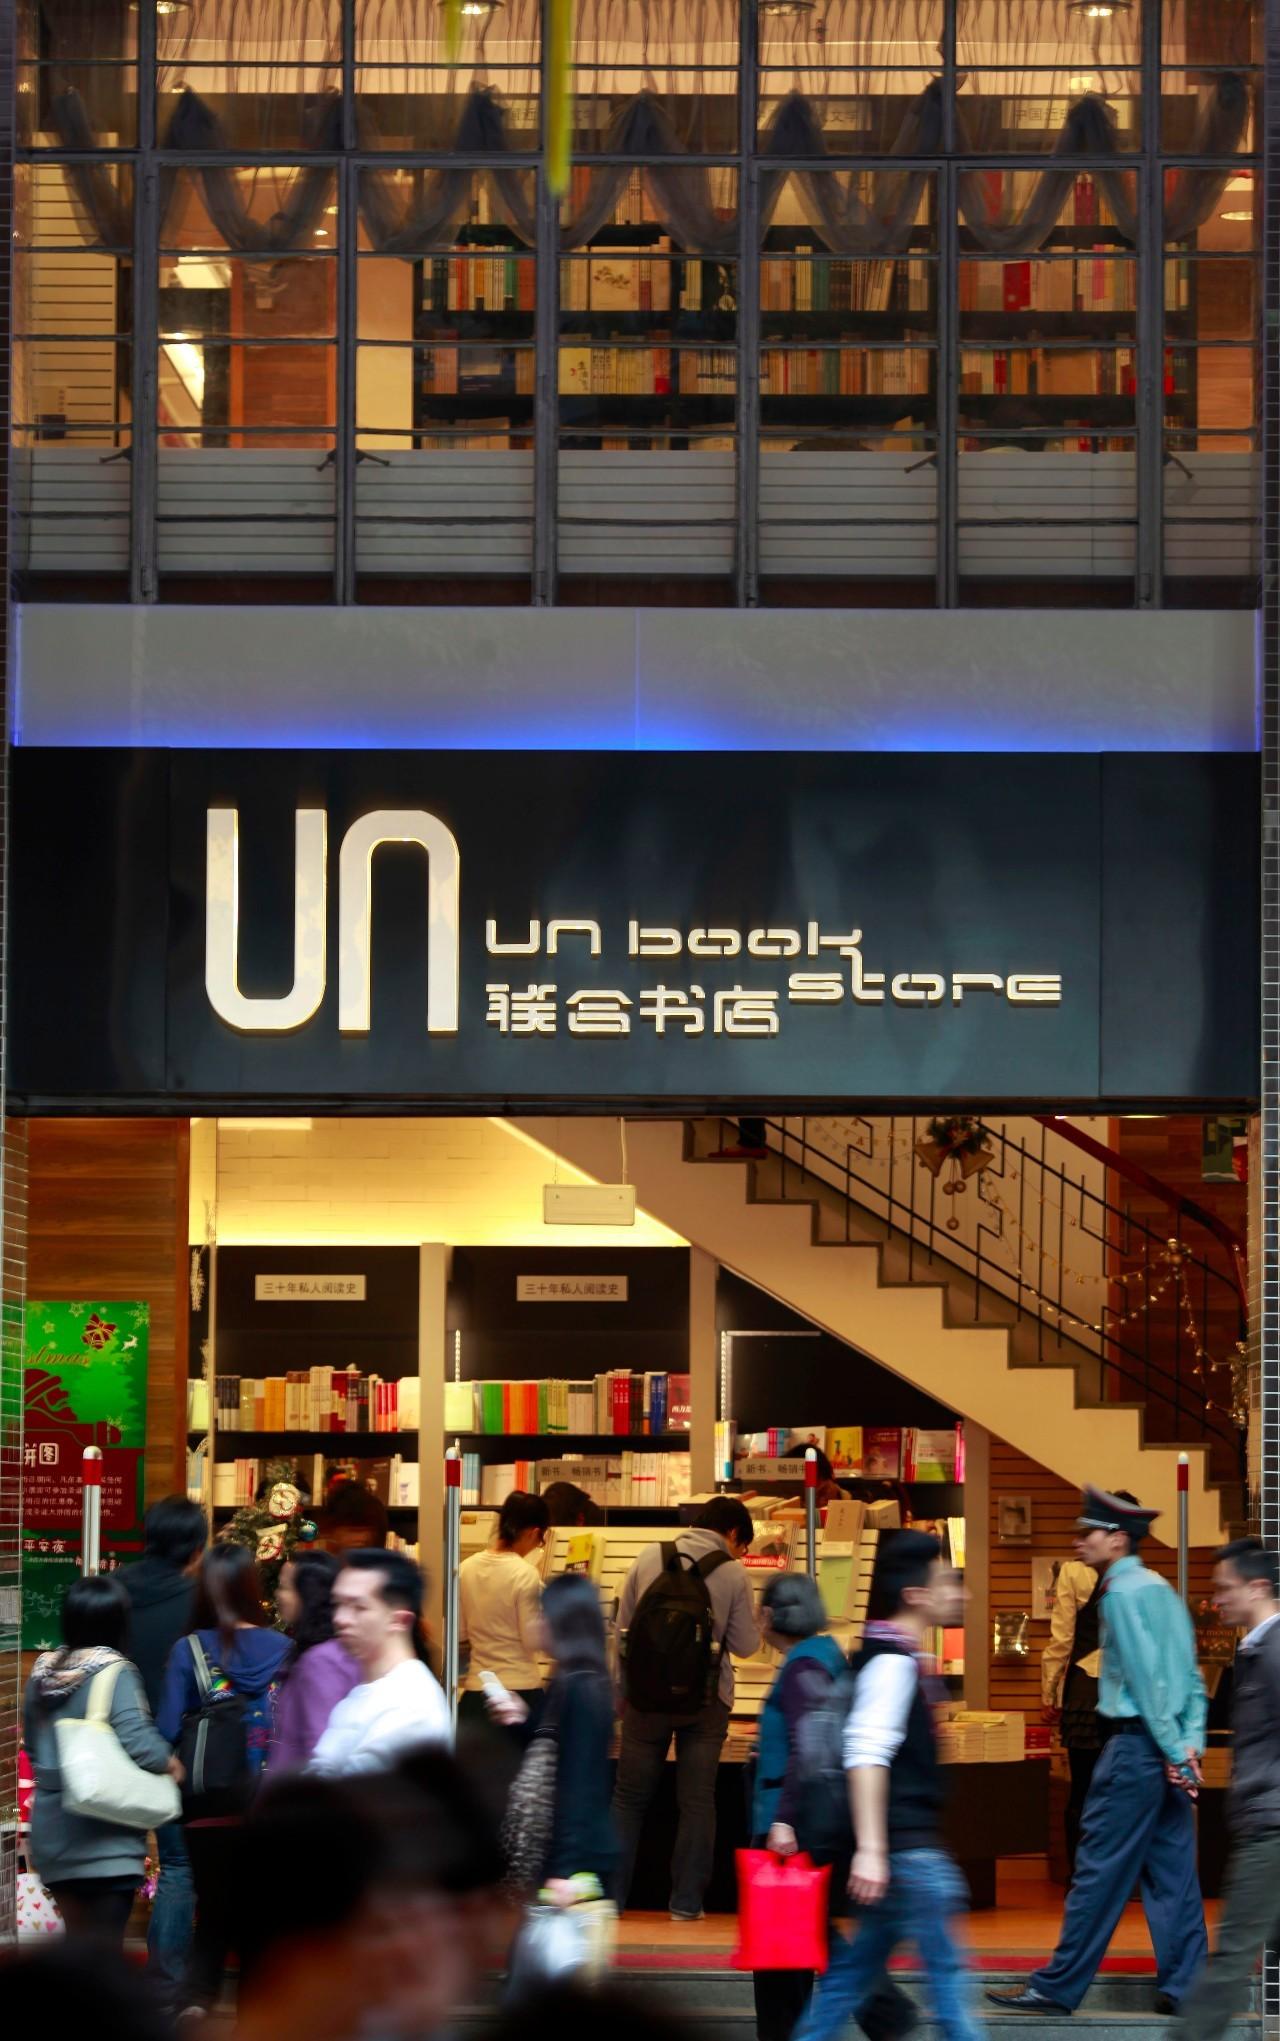 来这些特立独行的书店,感受广州的温度